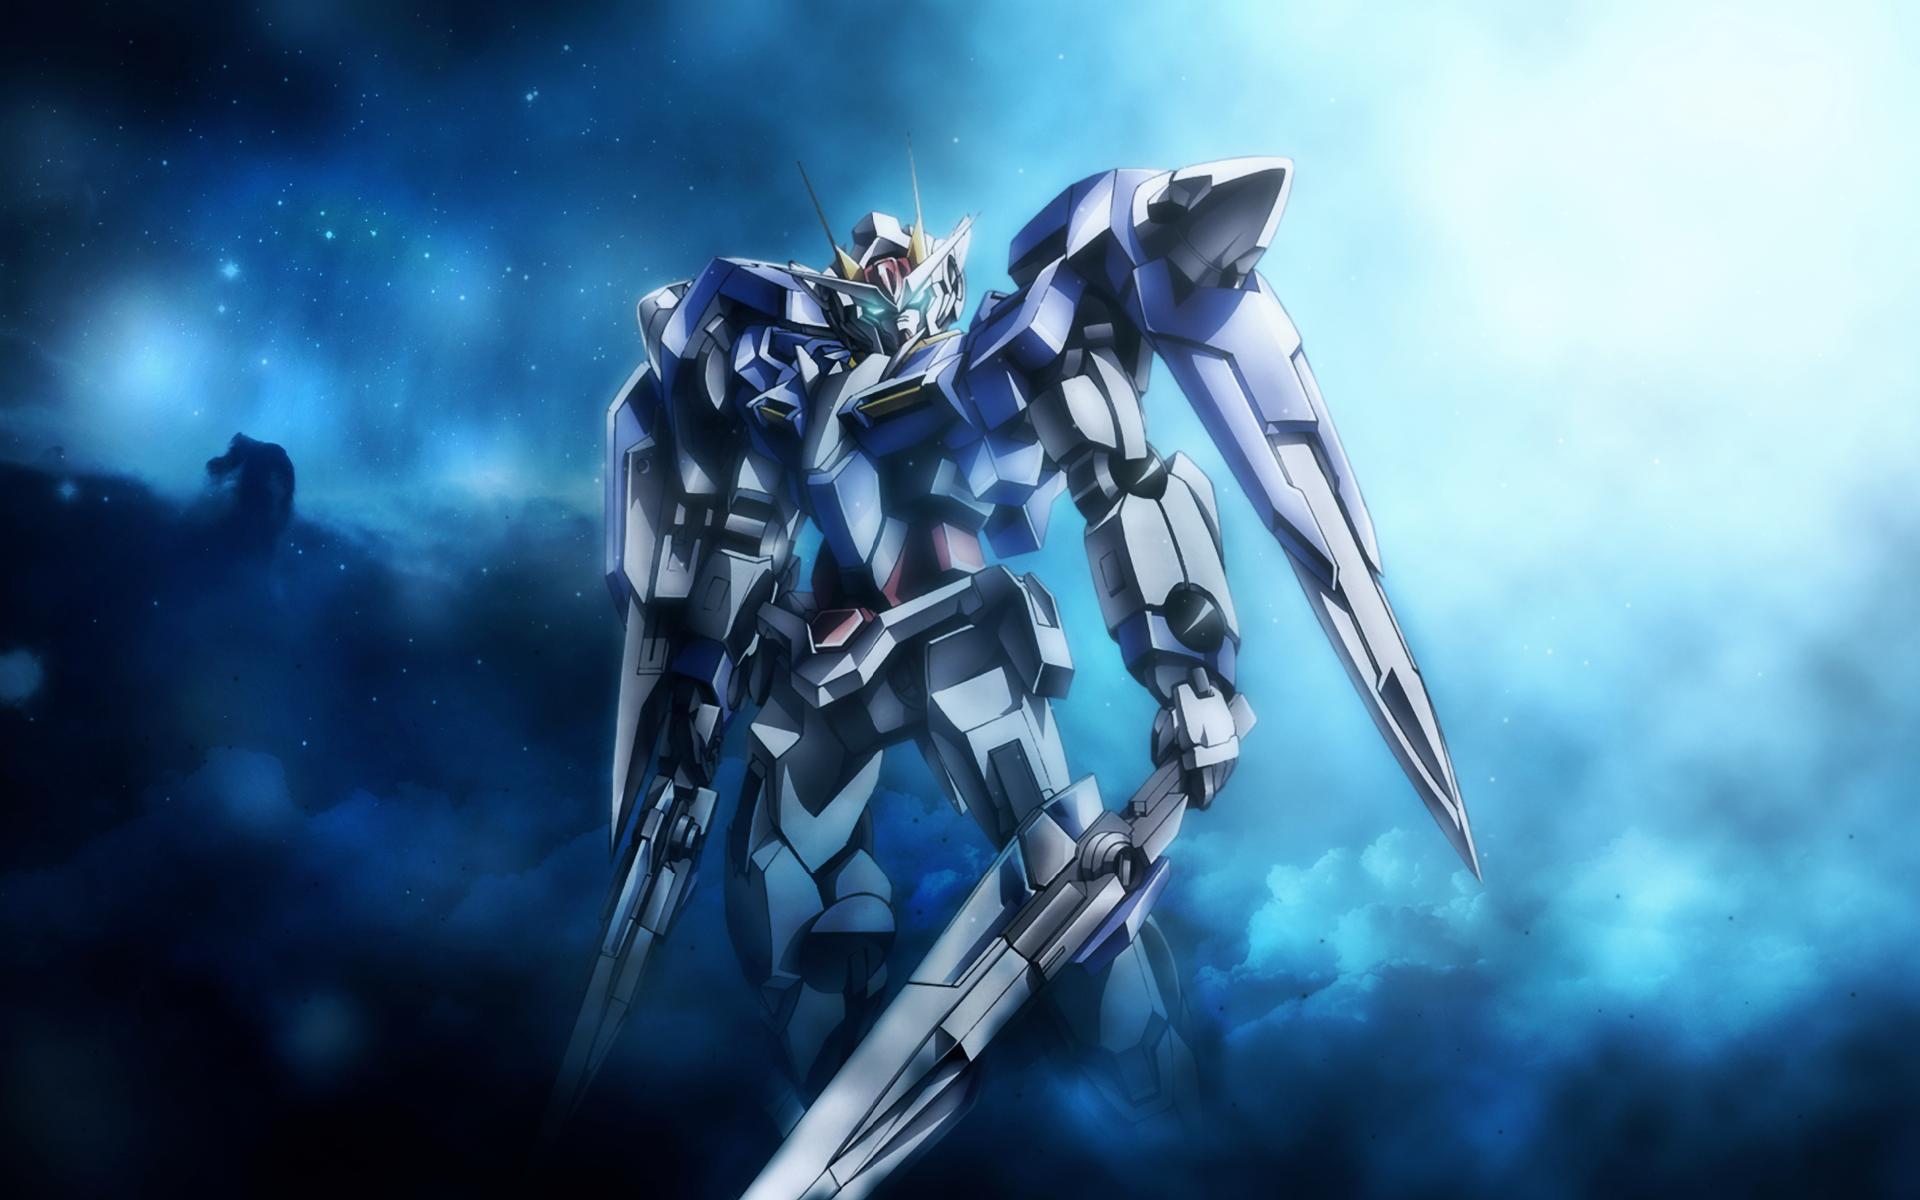 Gundam 00 1920x1200